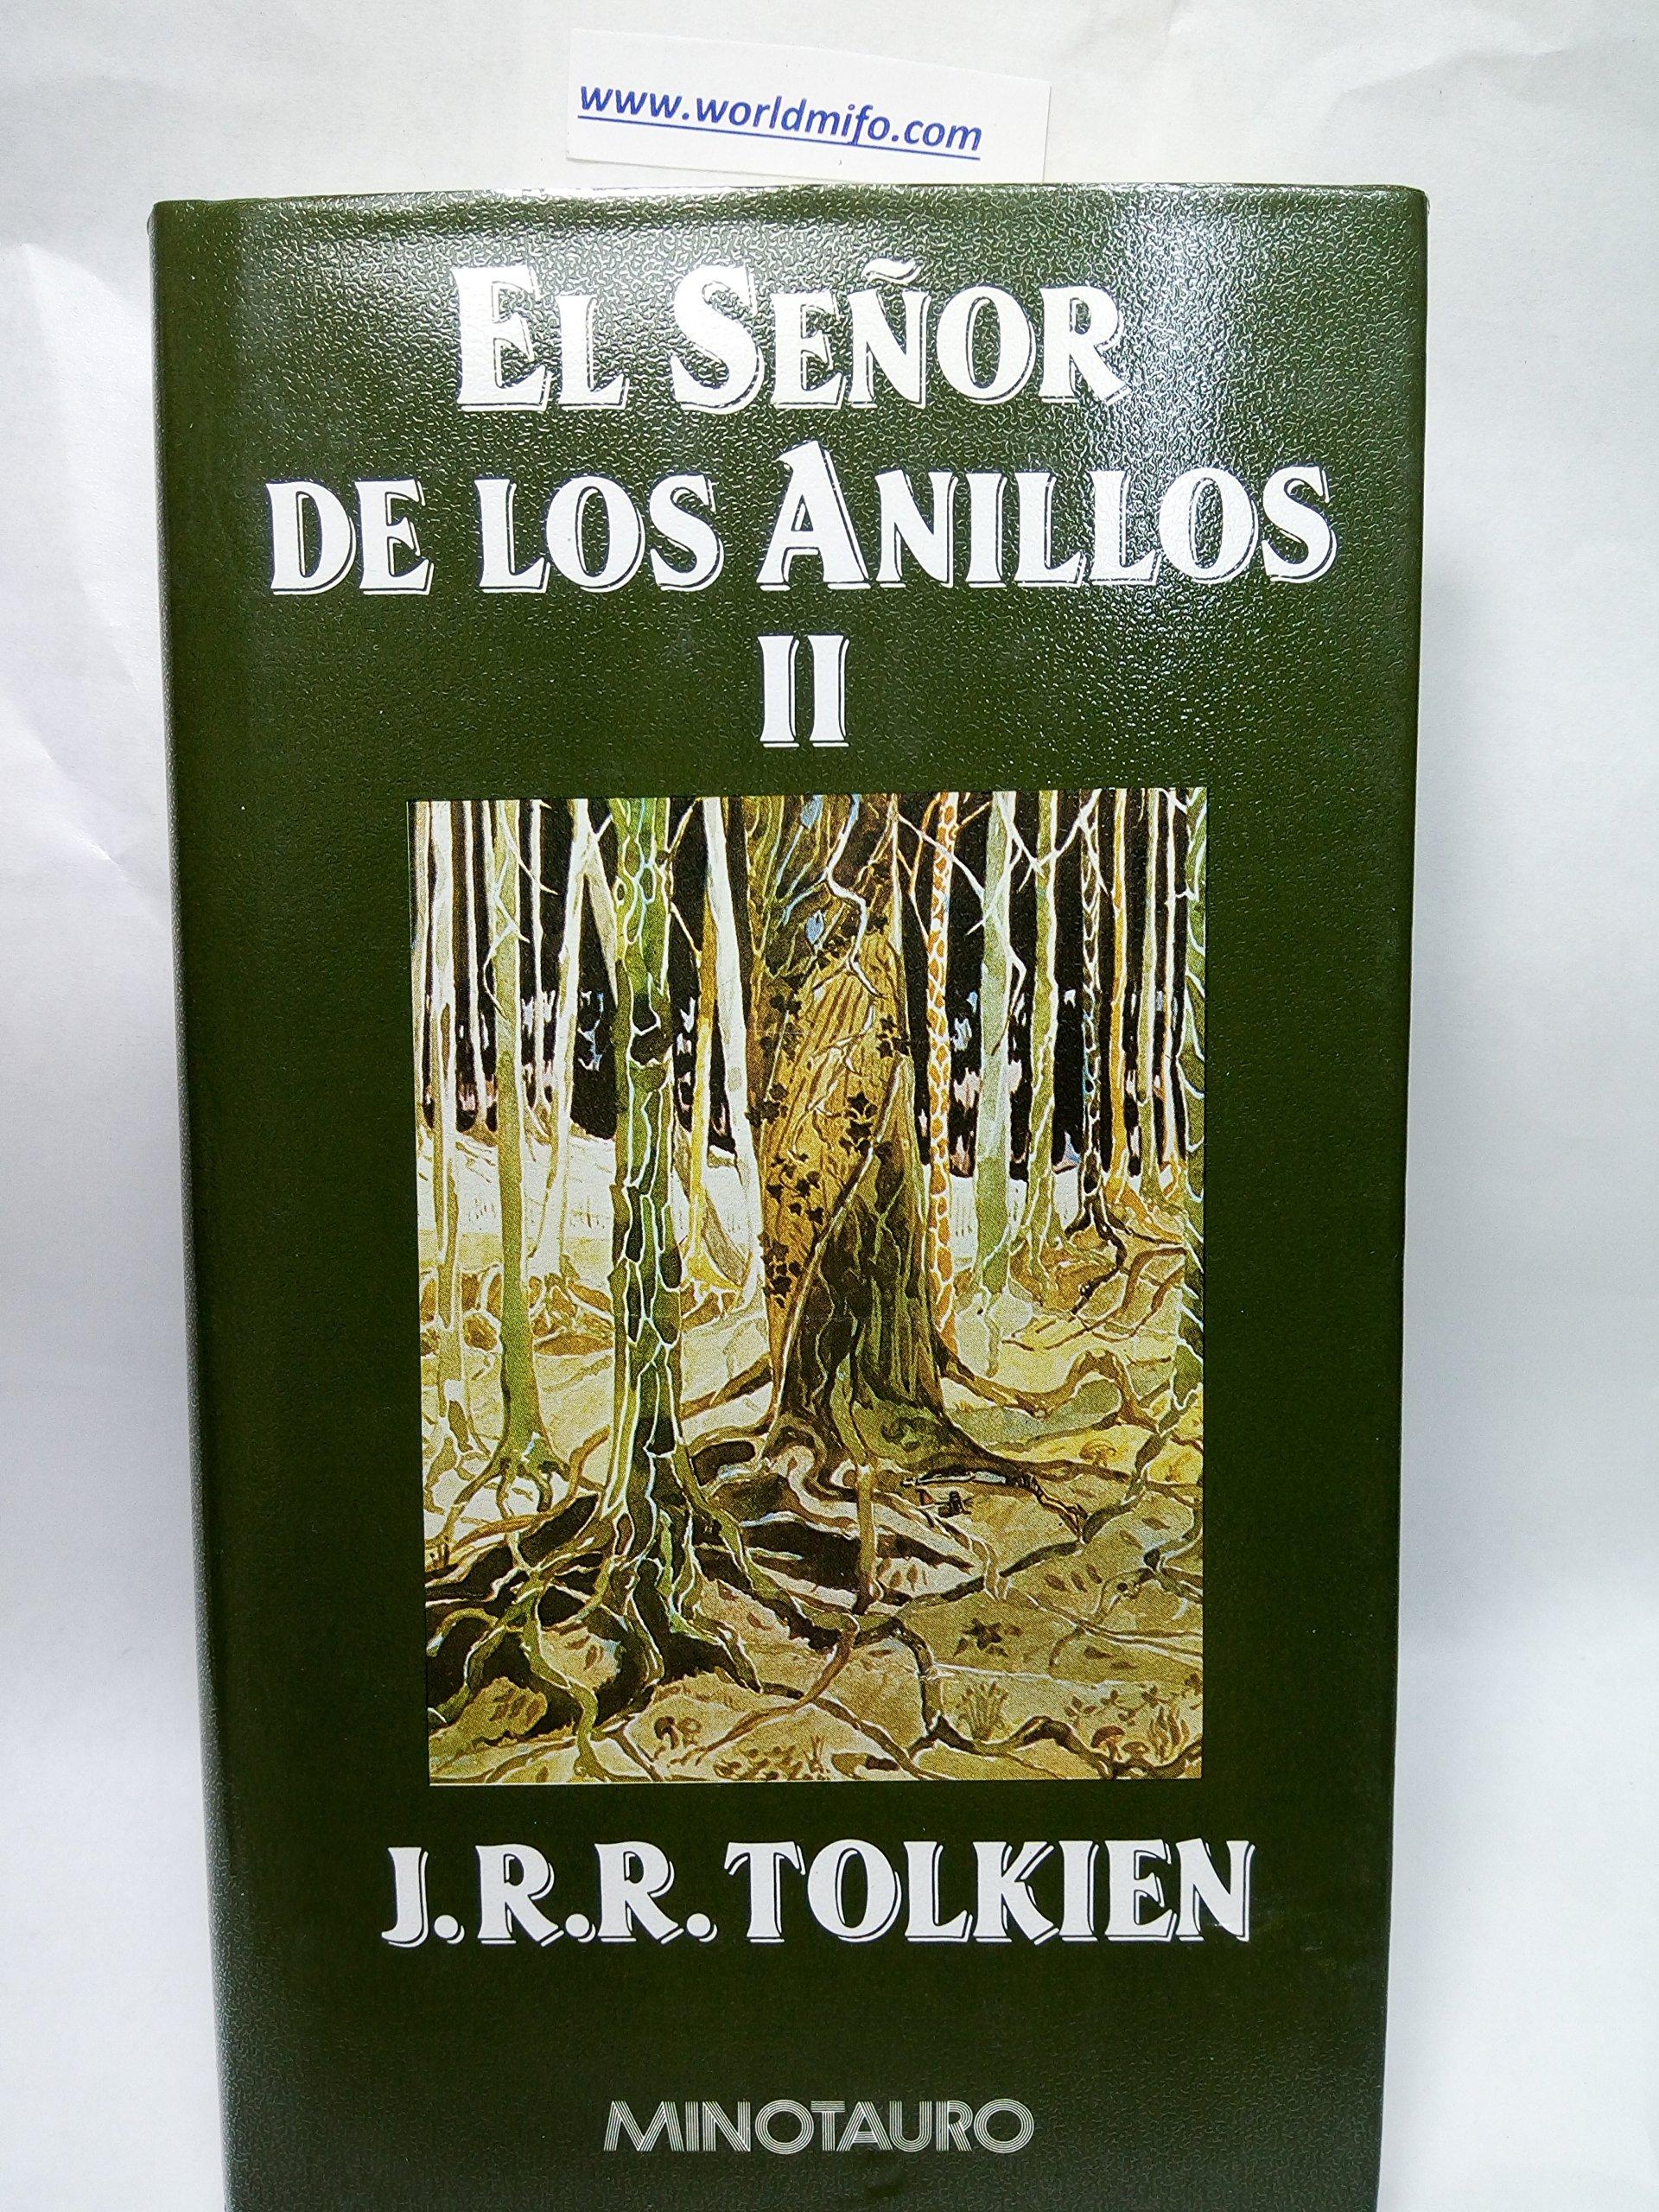 El señor de los anillos II. las dos Torres: Amazon.es: J.R.R. ...